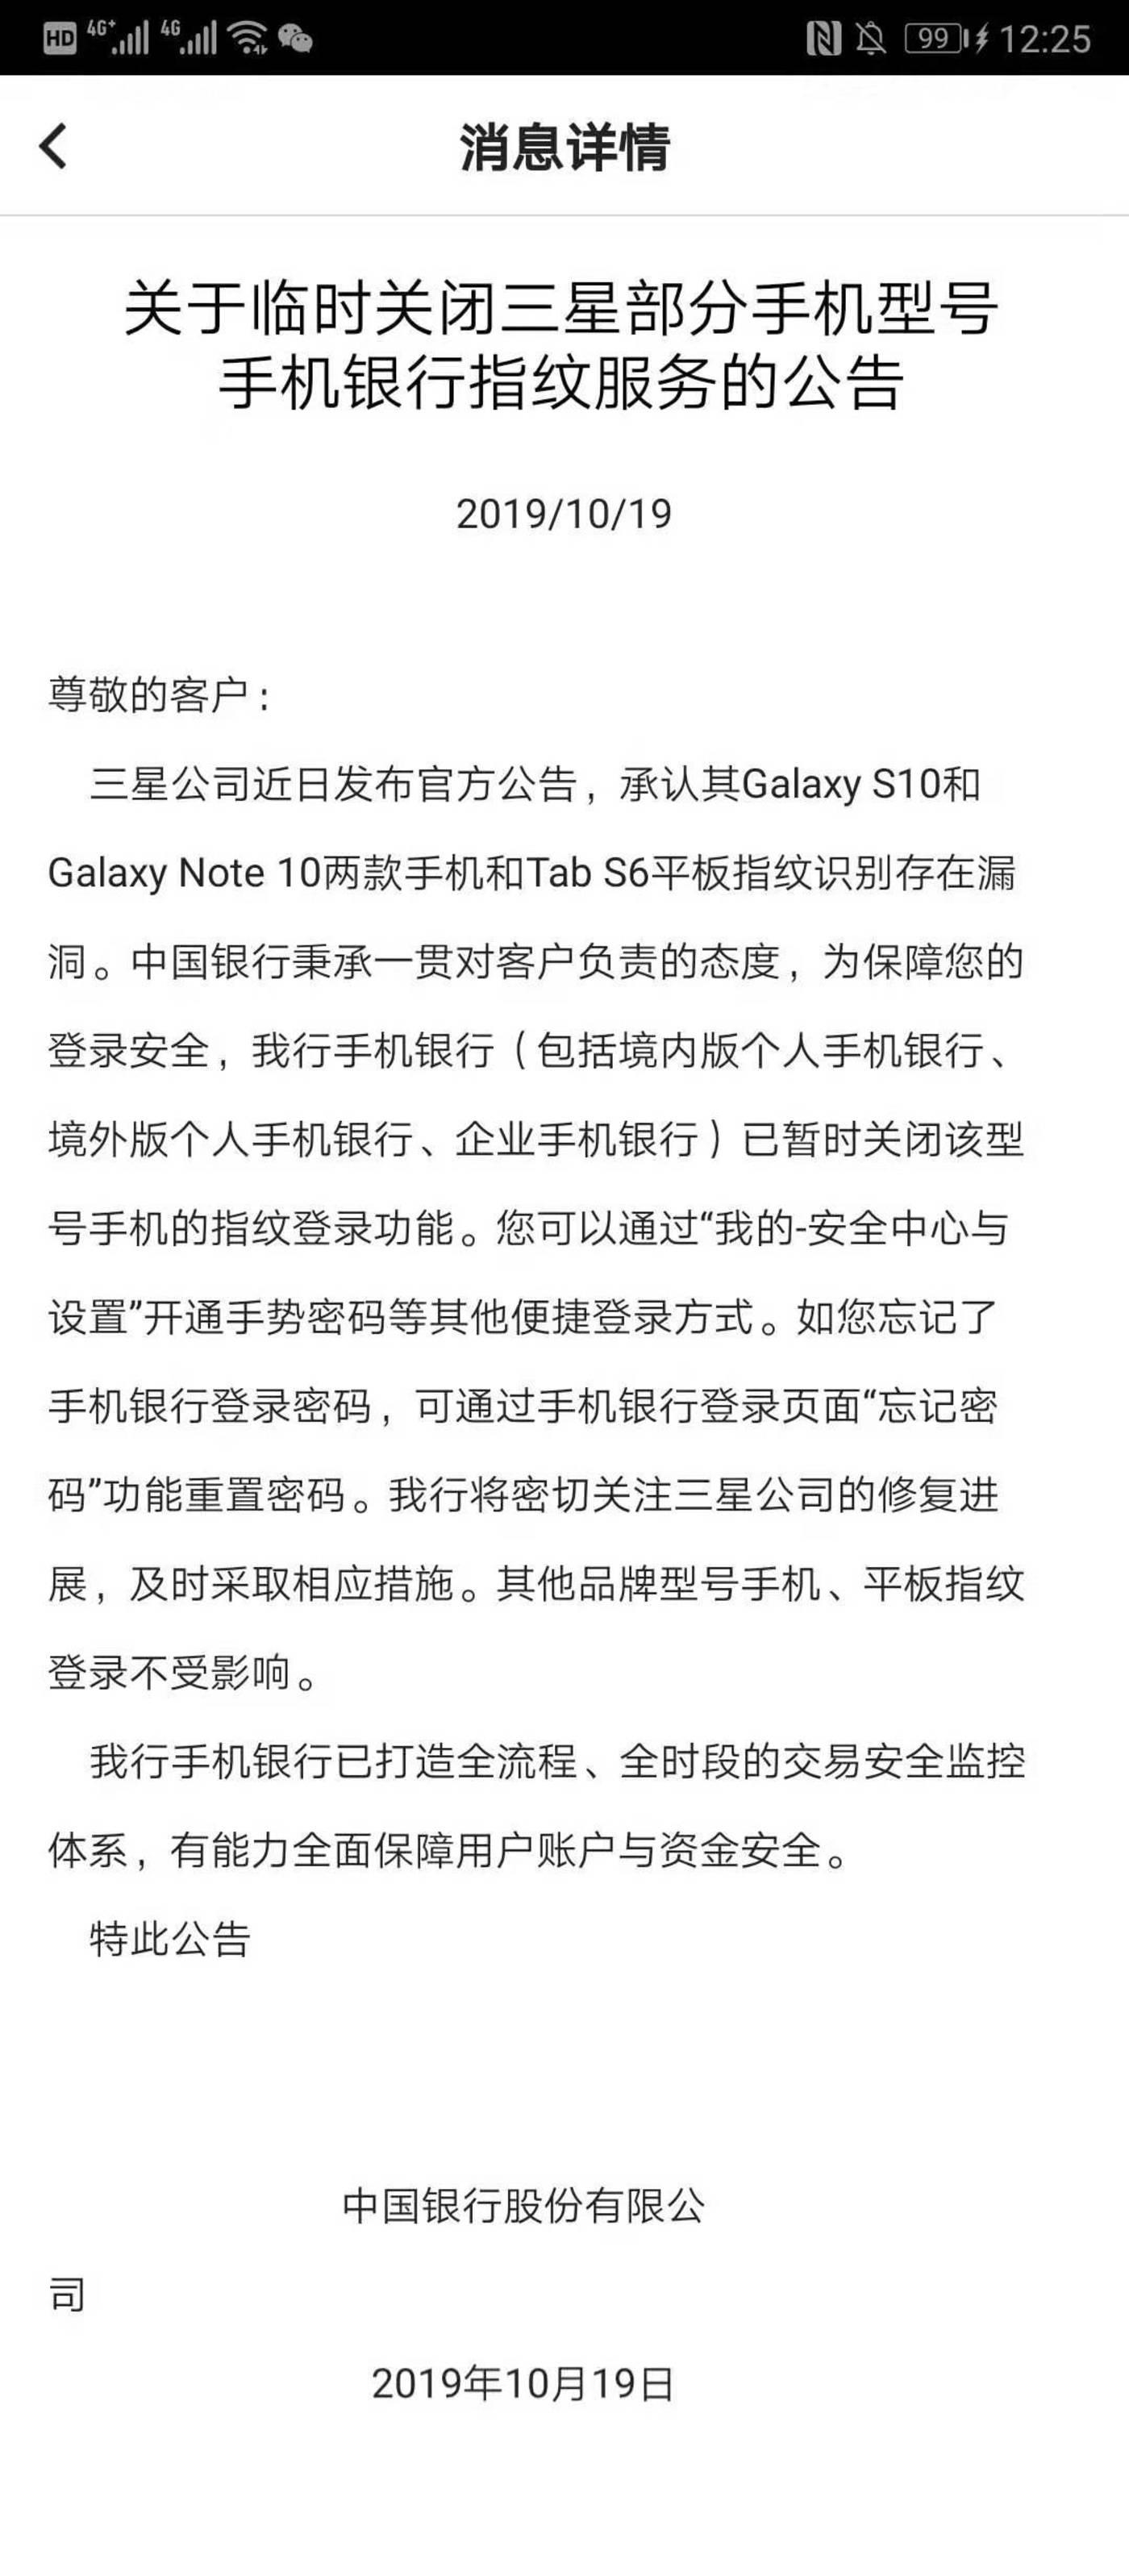 三星官方承认Galaxy S10/Note 10指纹漏洞的存在,推出系统更新来解决